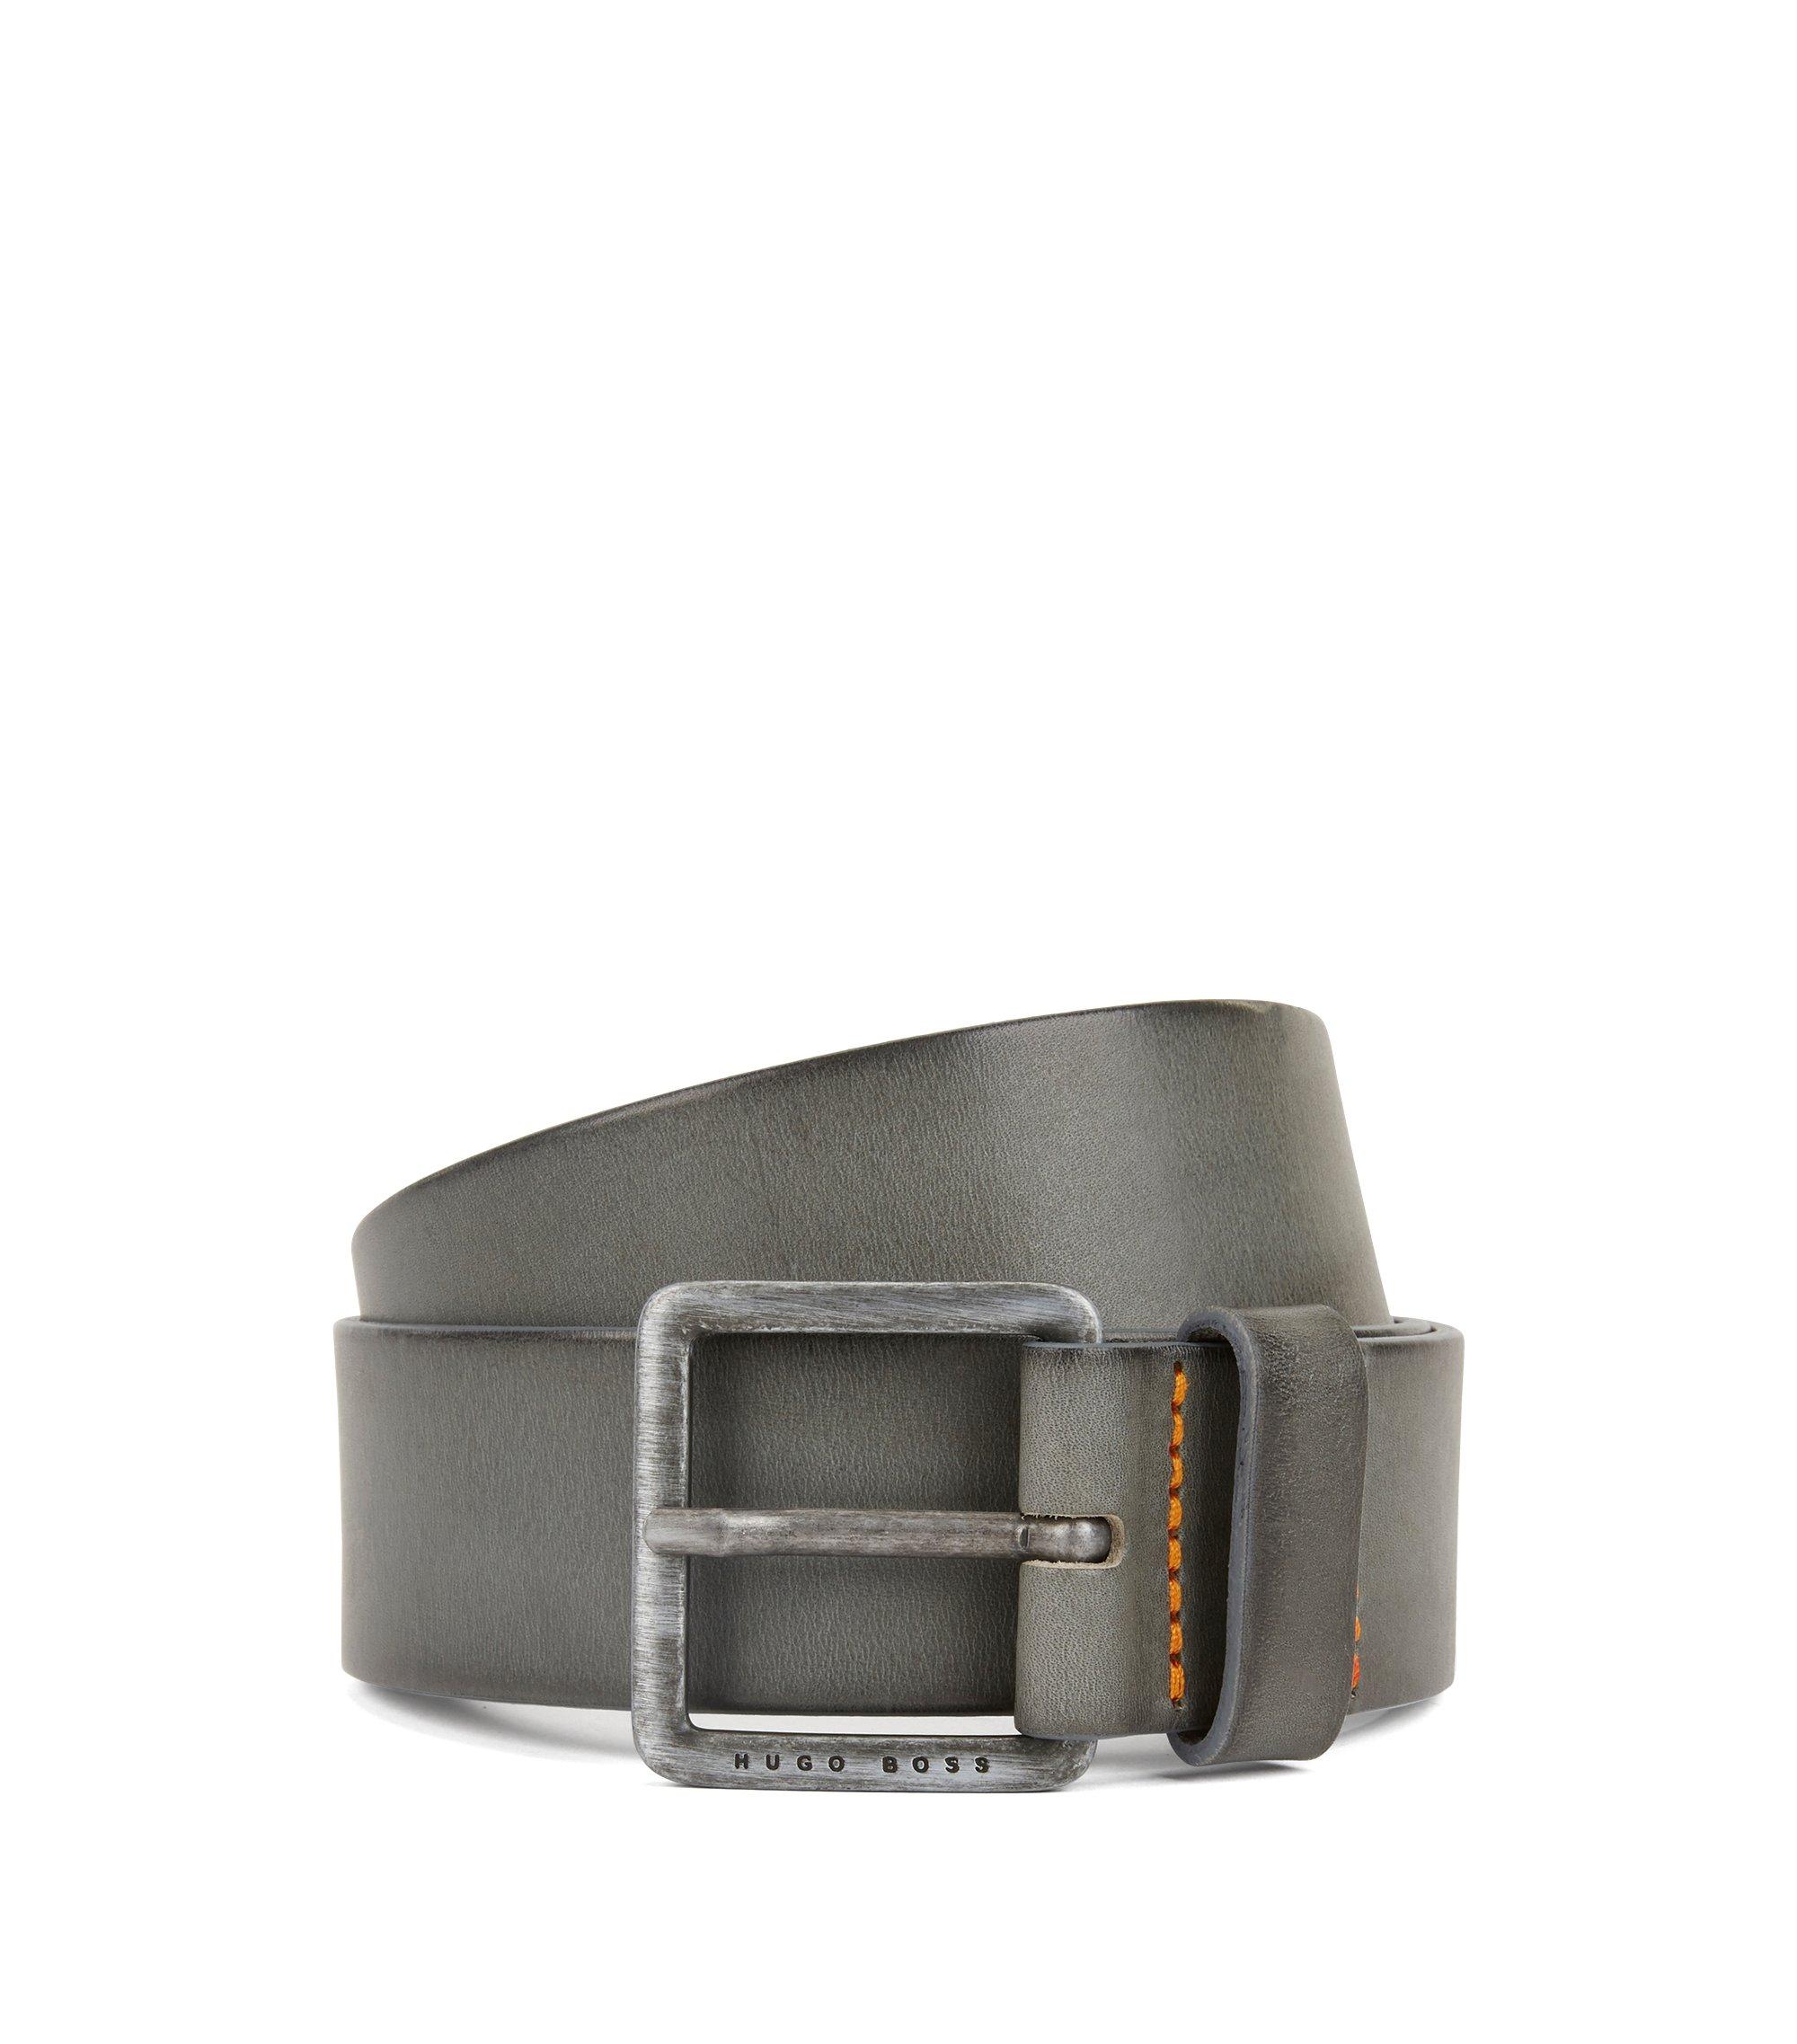 Ledergürtel mit charakteristischen Naht-Details, Grau